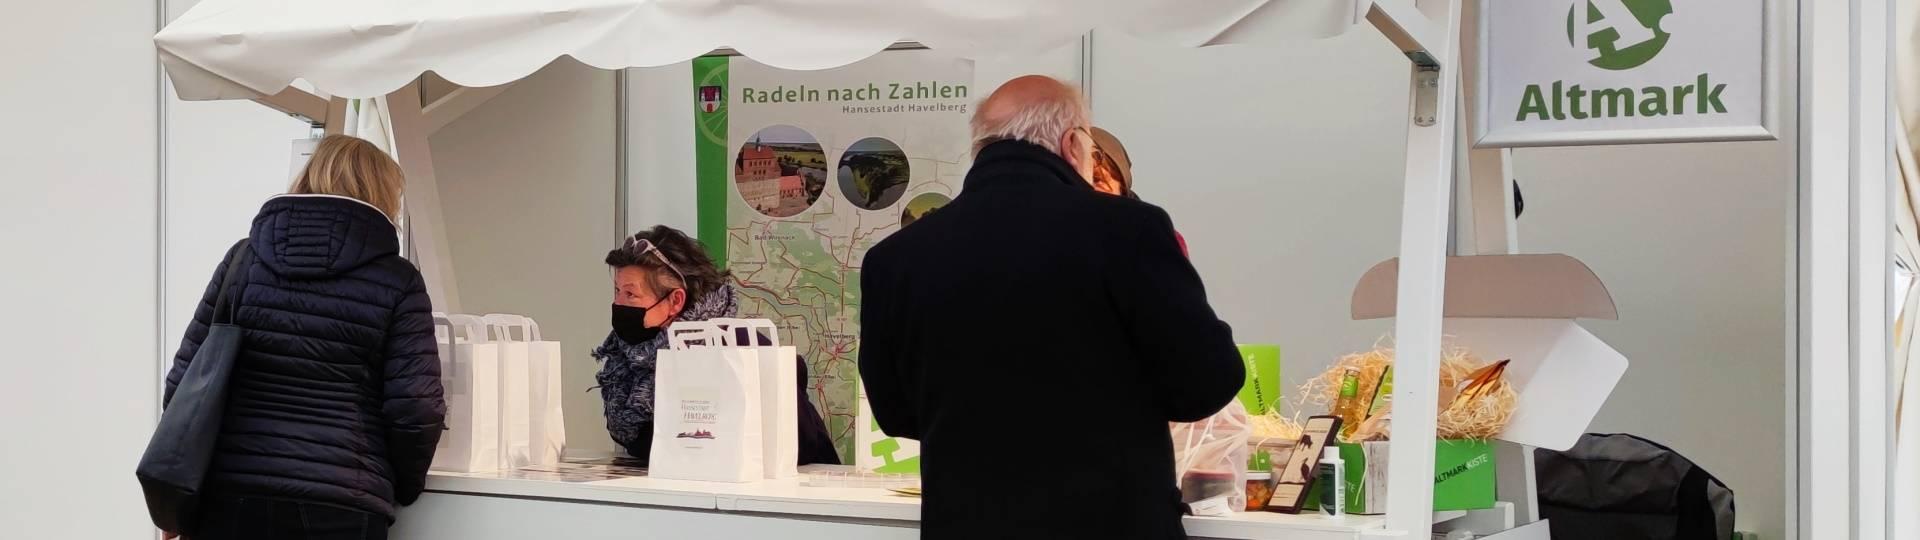 mit radeln nach zahlen beim marktplatz on tour in magdeburg dabei ©Hansestadt Havelberg